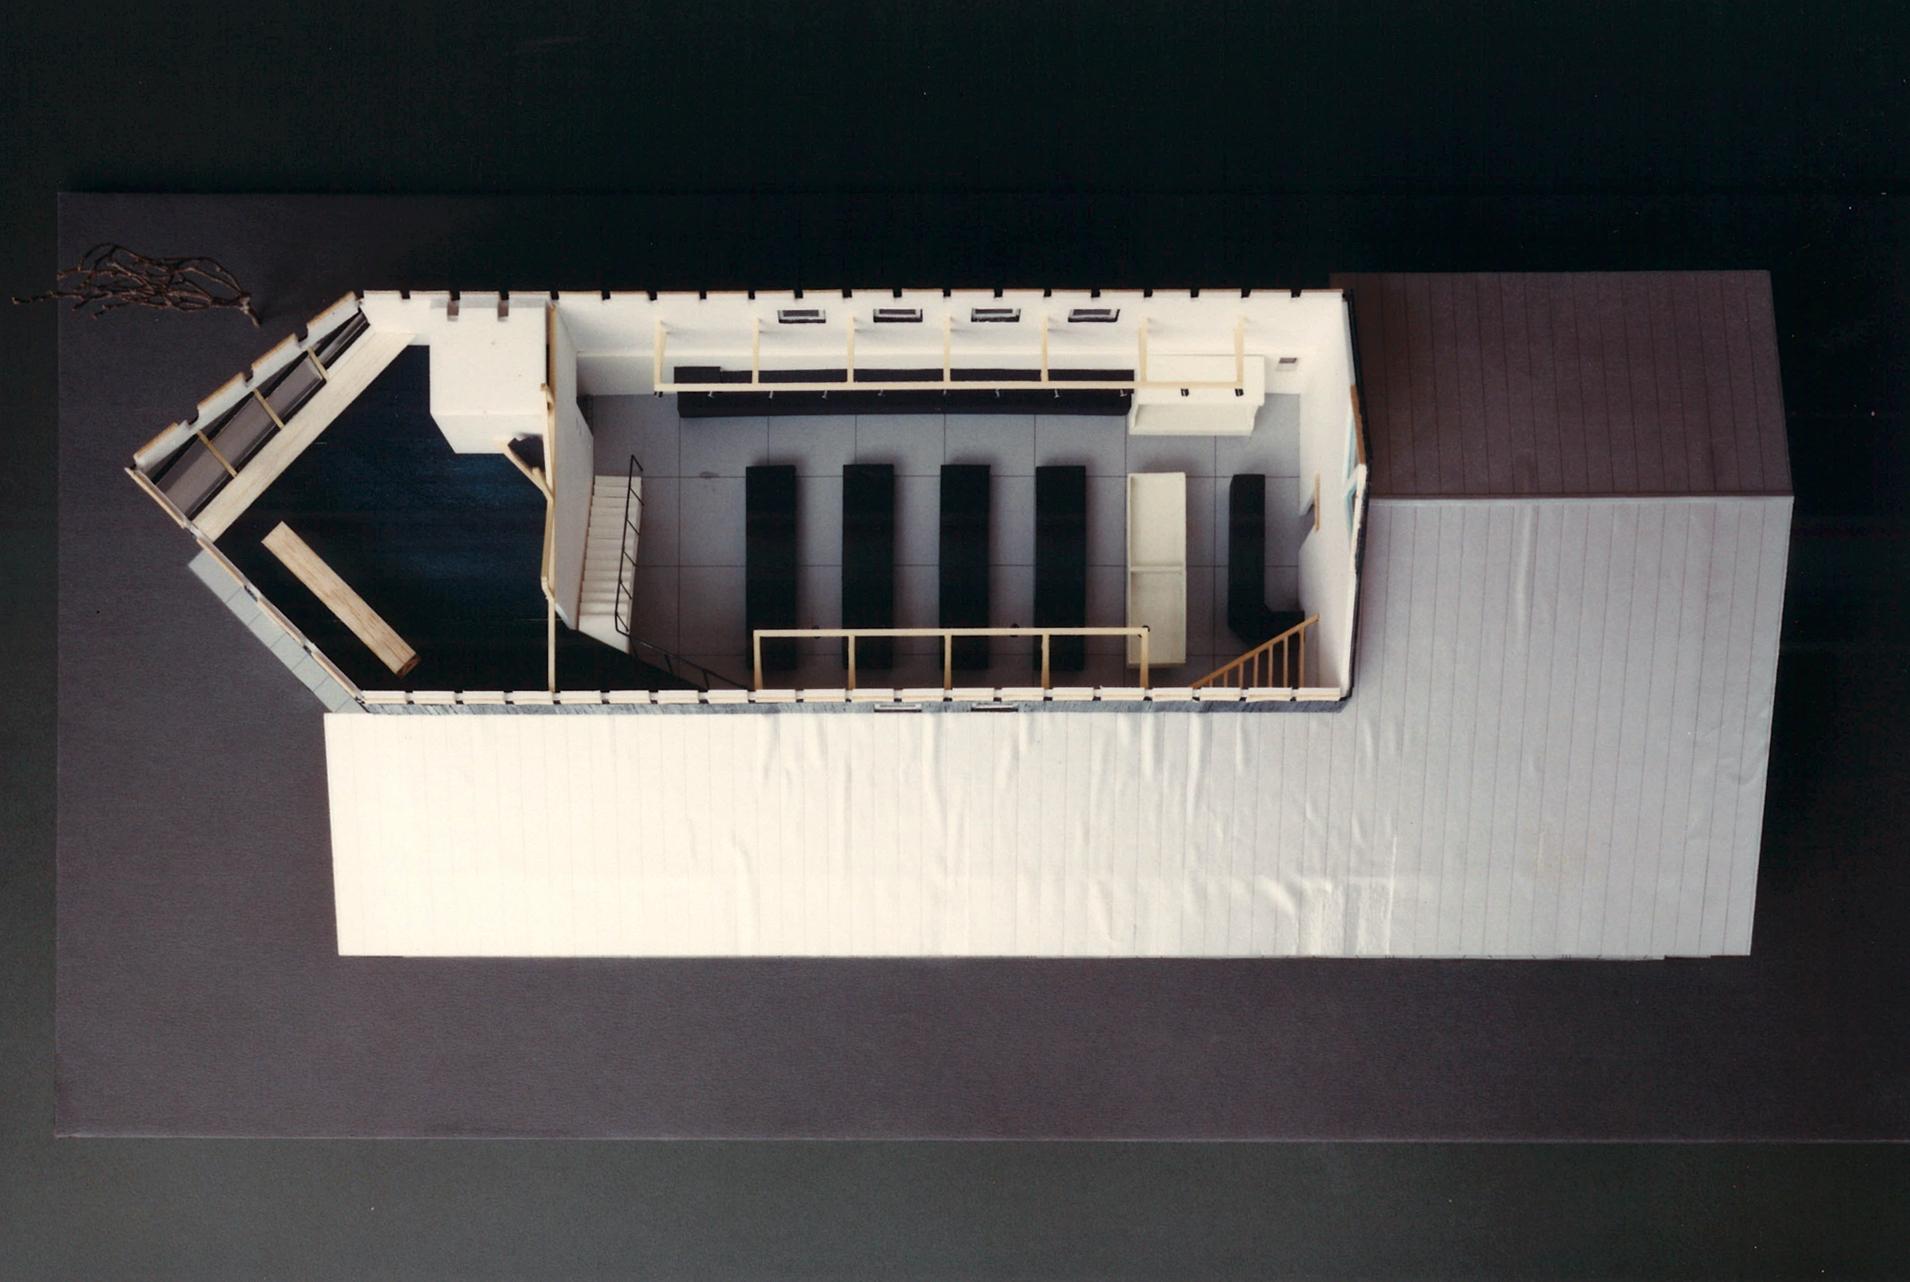 インスタ四季彩館 模型-2